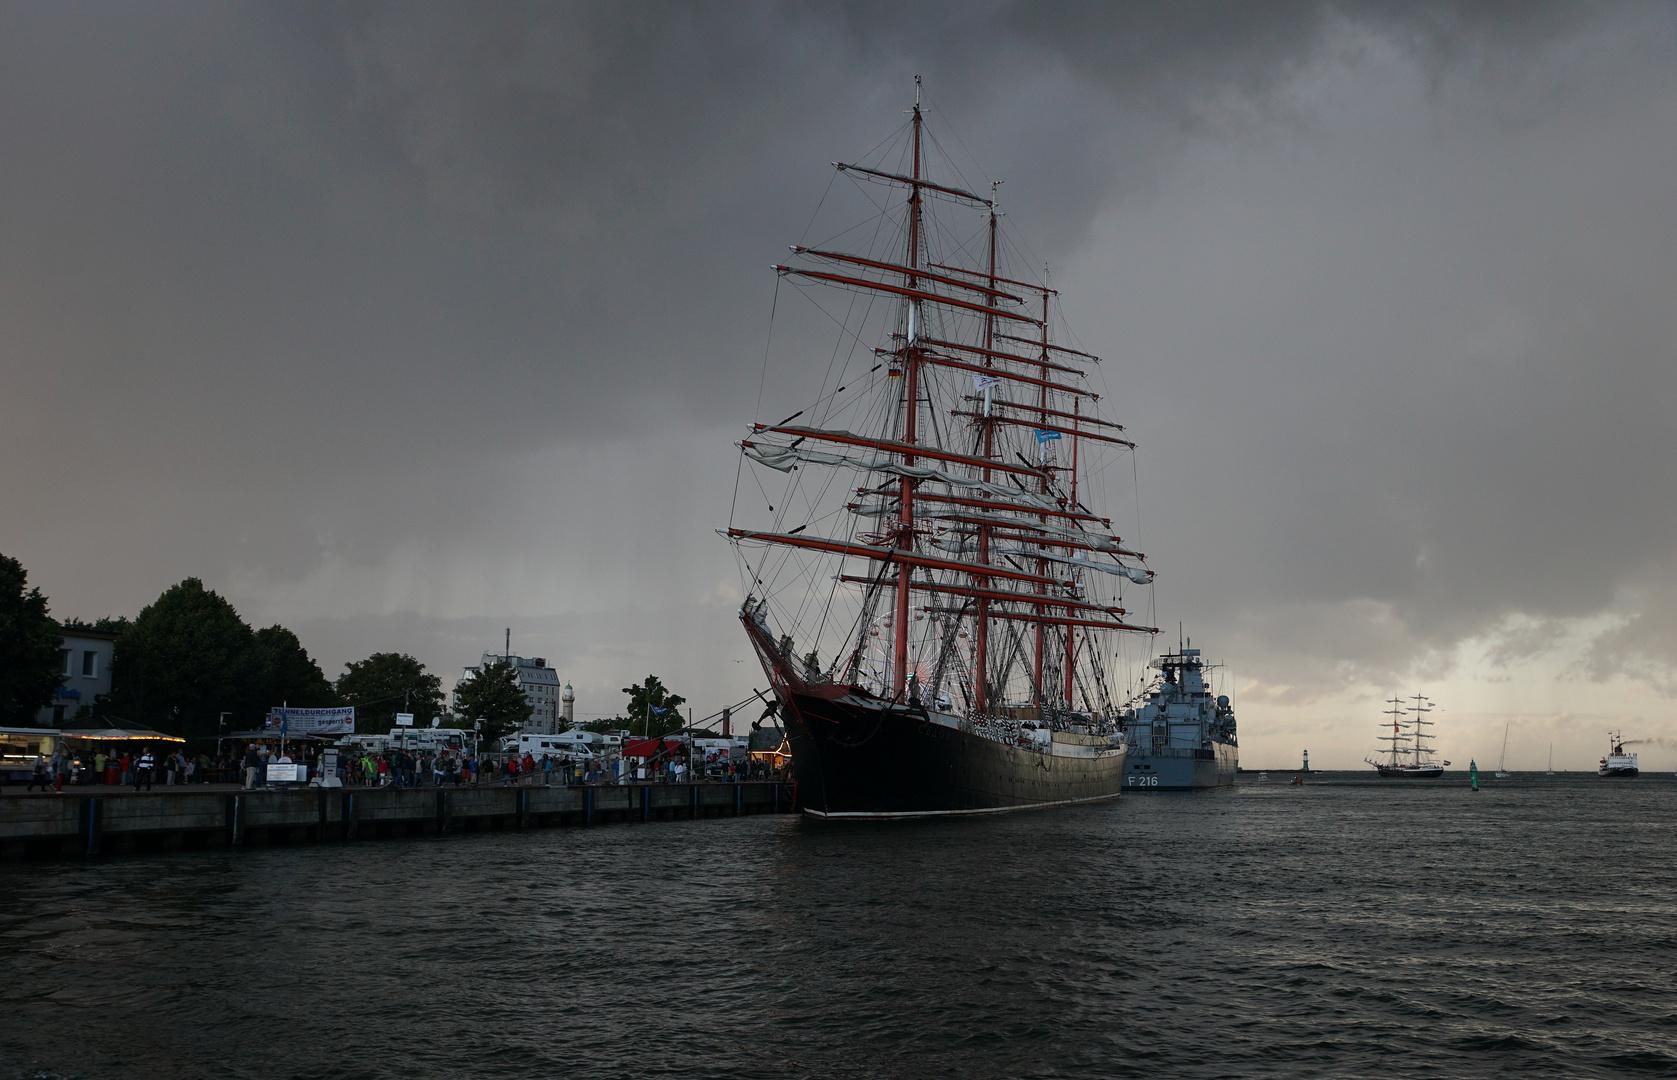 Abendliche Impressionen Hanse Sail Teil III